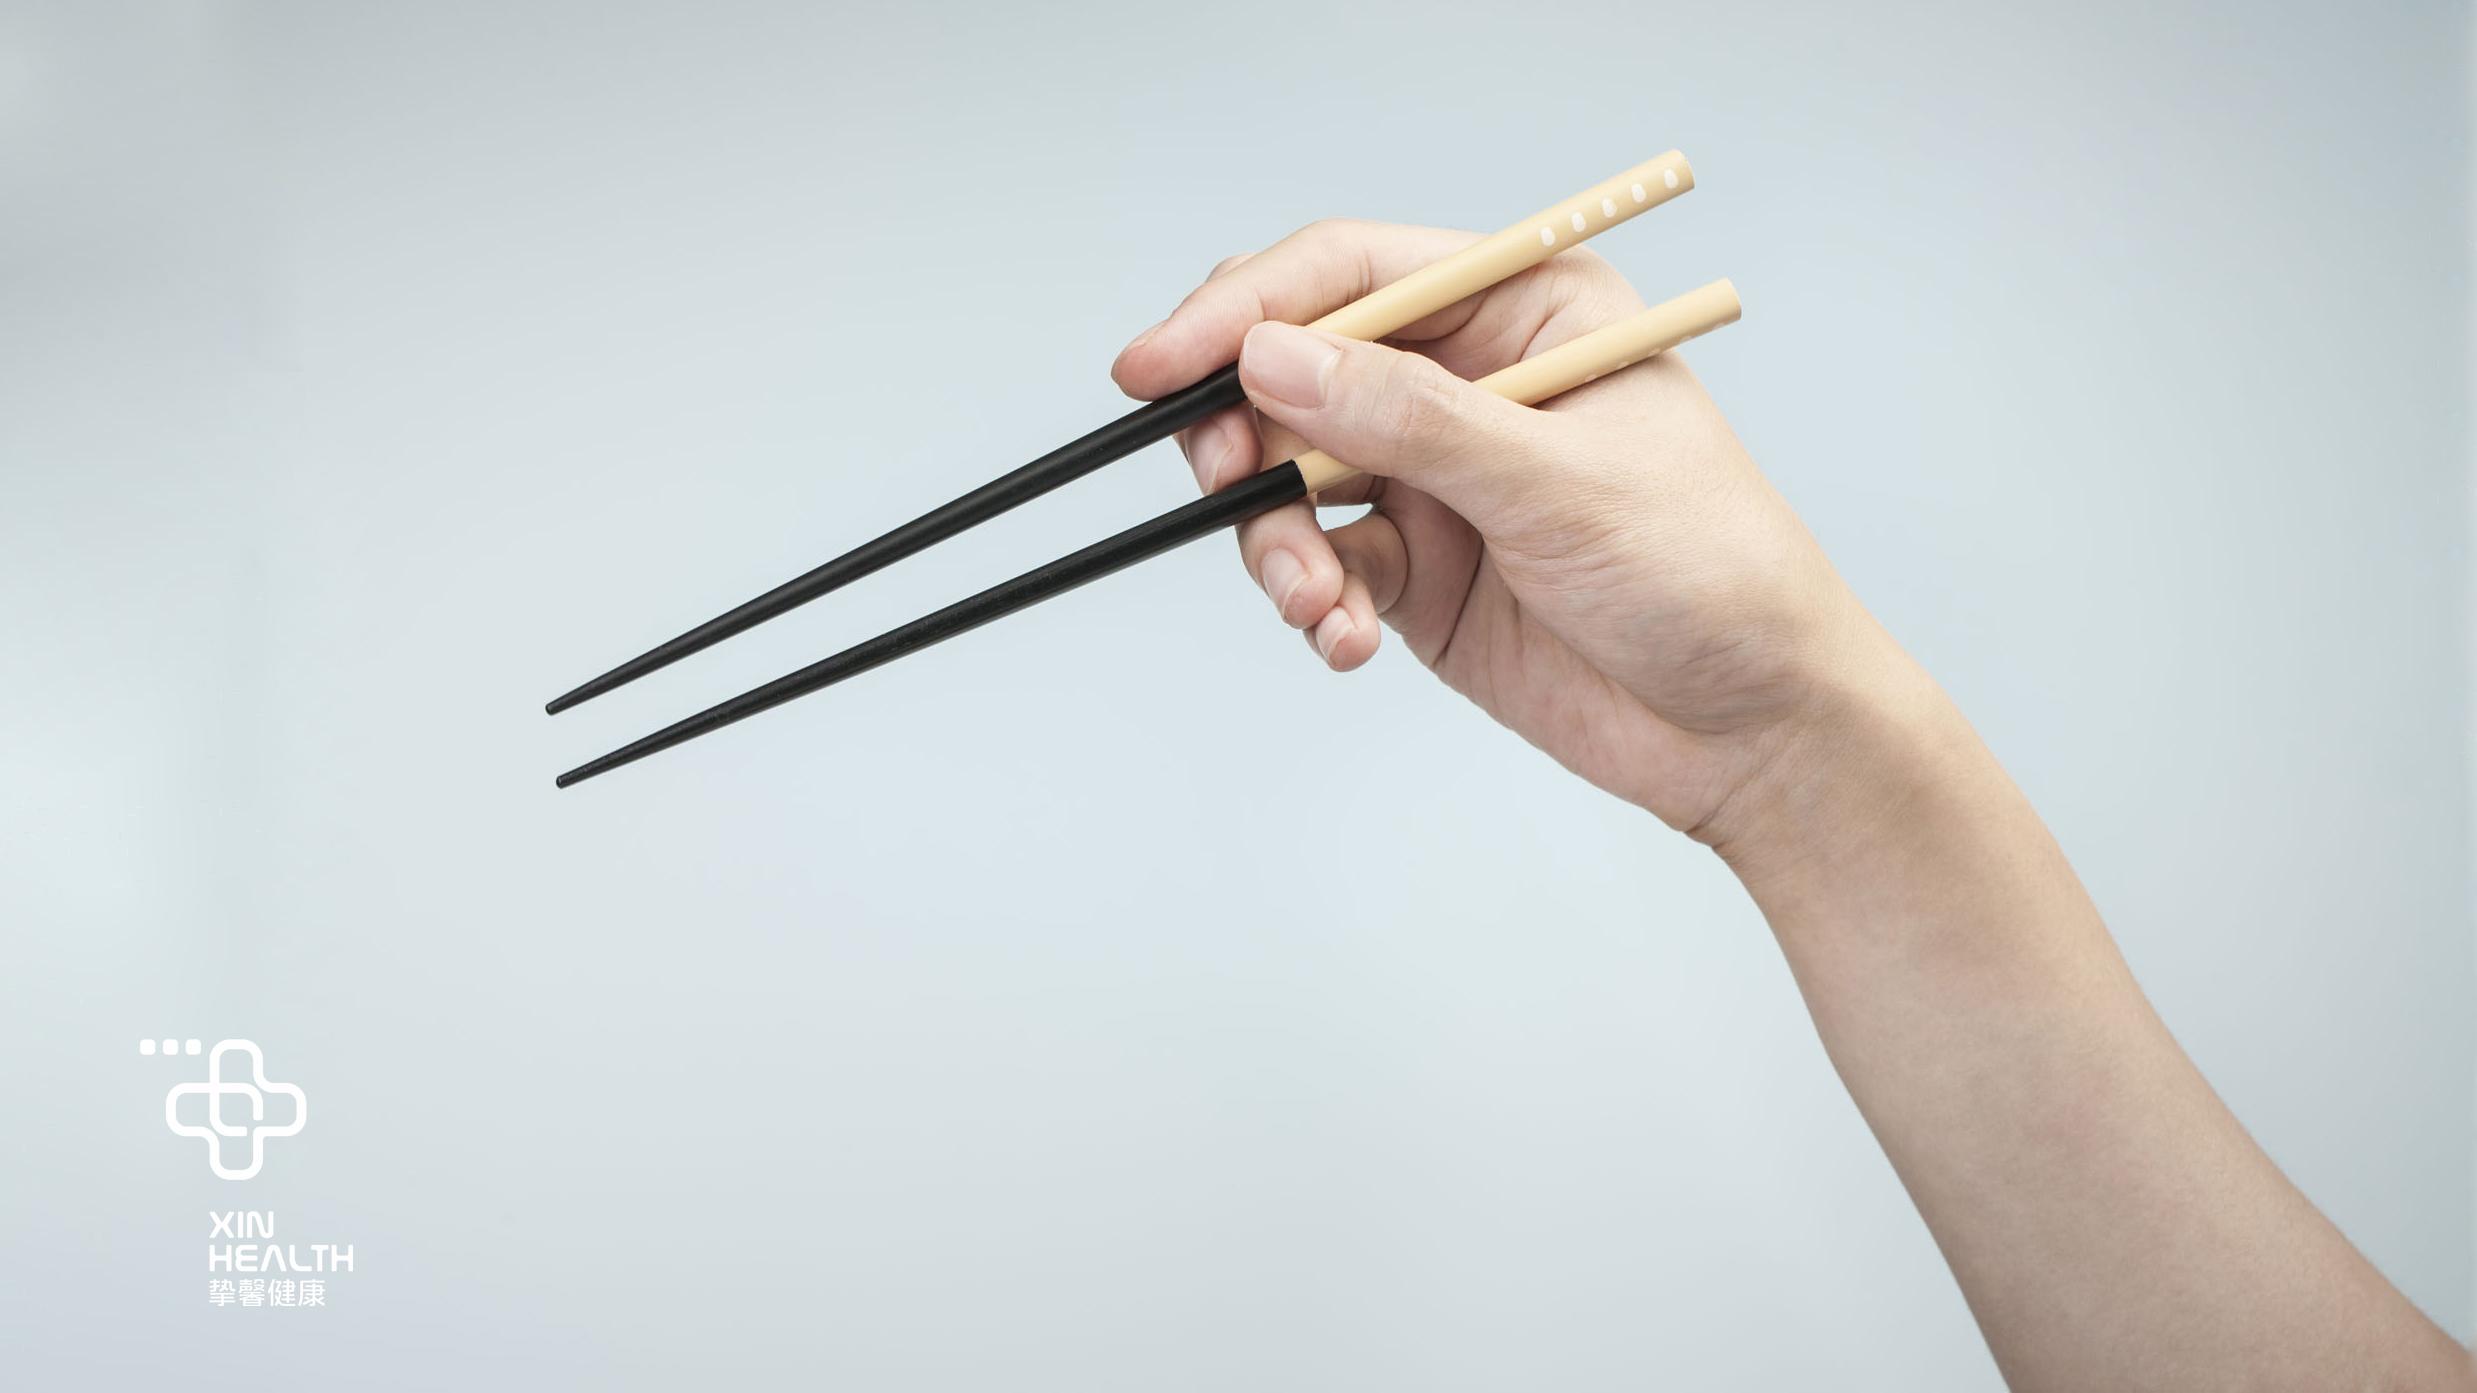 中国的饮食习惯导致了幽门螺杆菌的高发